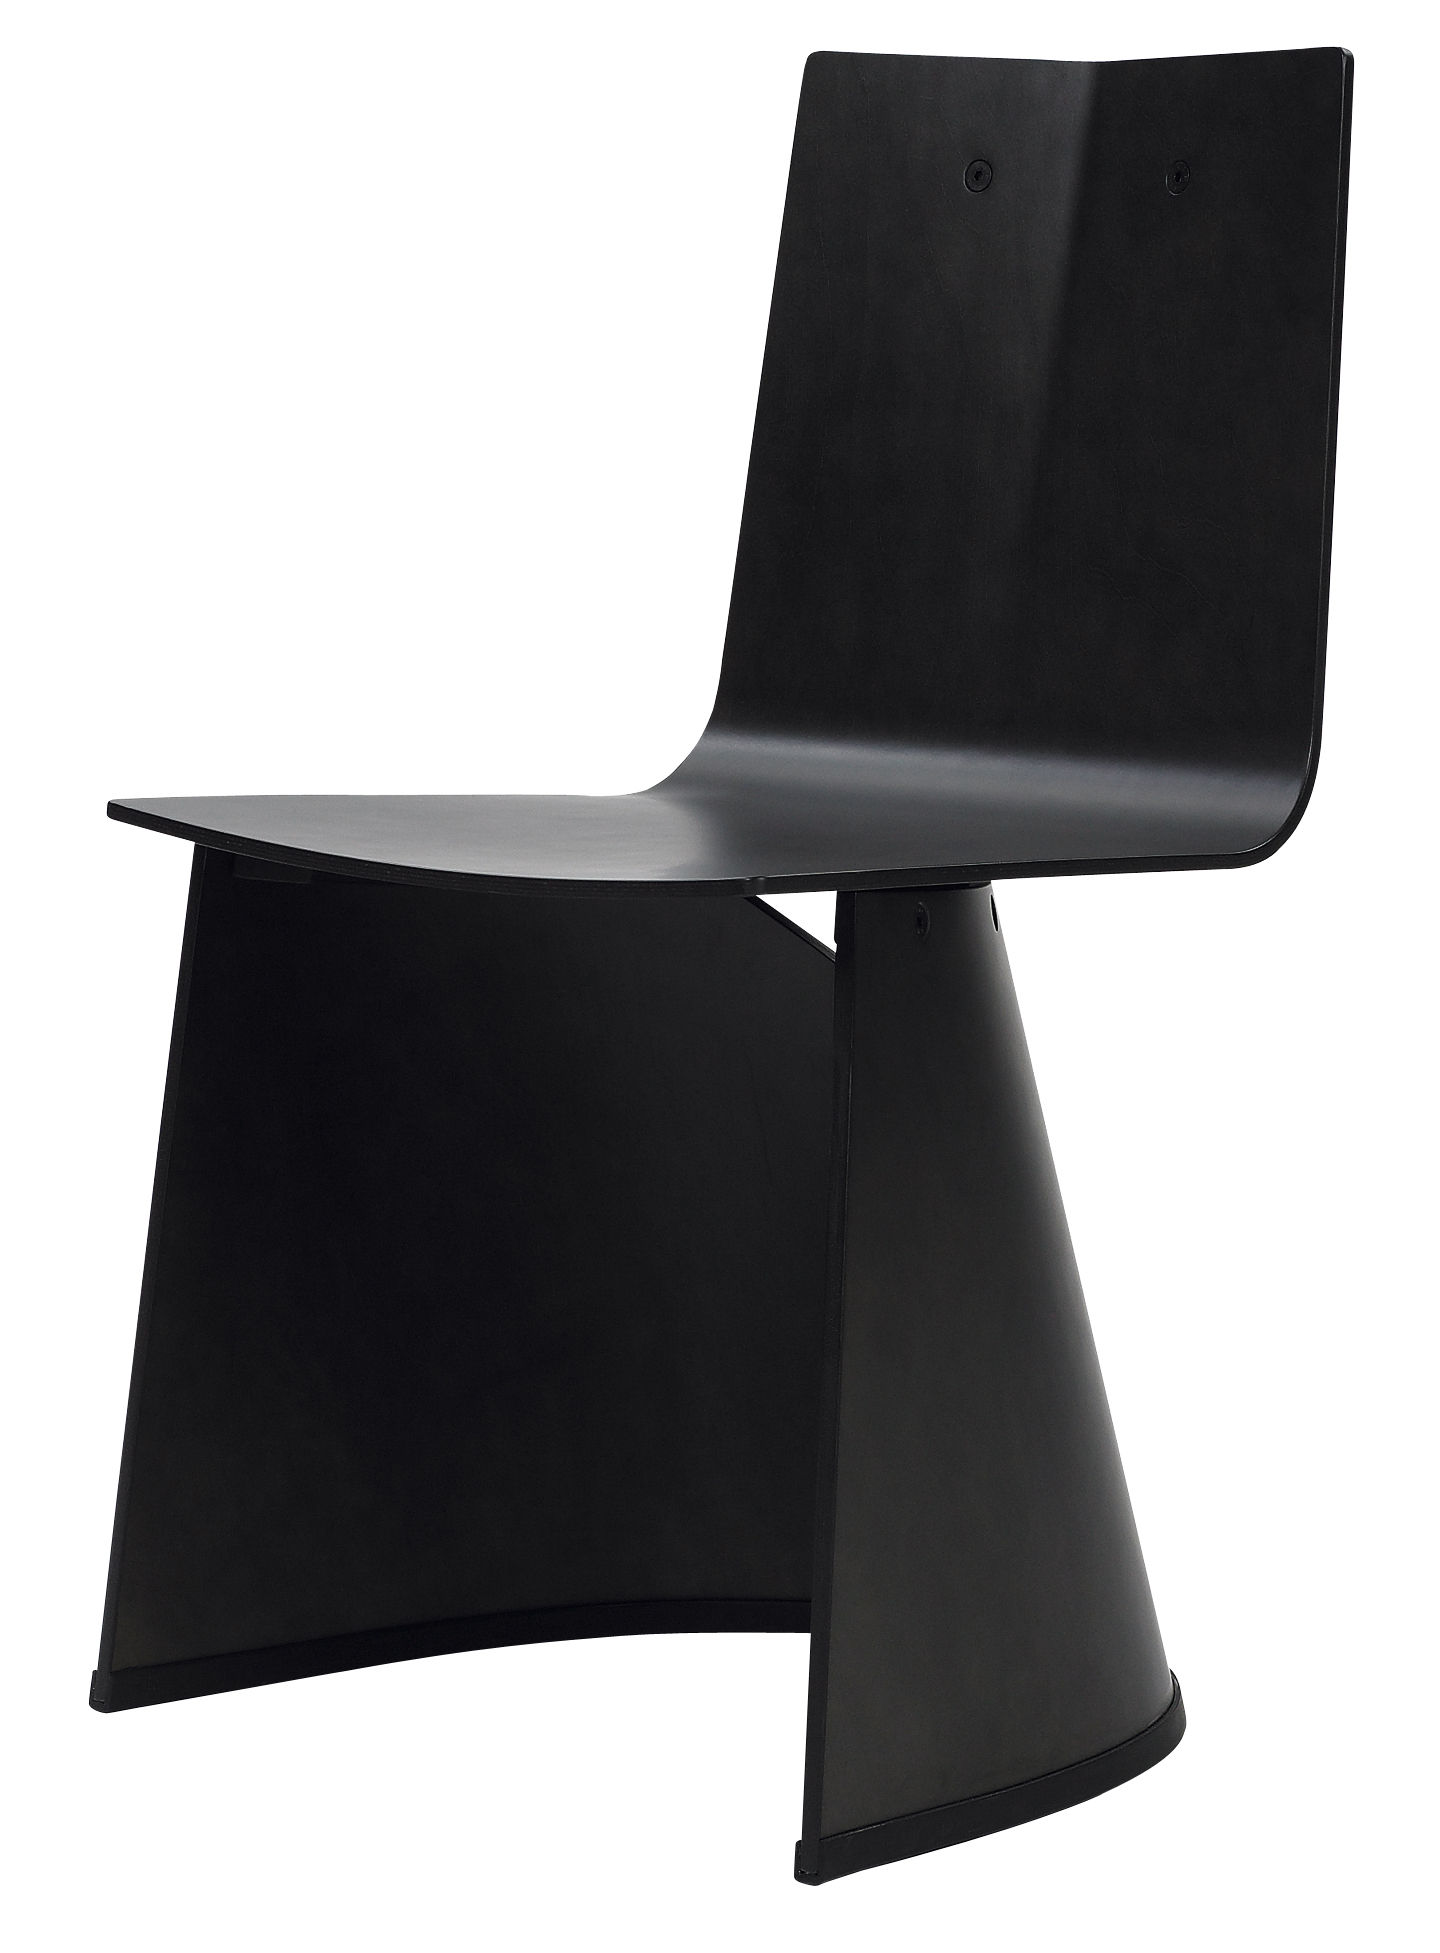 Mobilier - Chaises, fauteuils de salle à manger - Chaise Venus / Bois - ClassiCon - Chêne teinté noir - Contreplaqué de chêne laqué